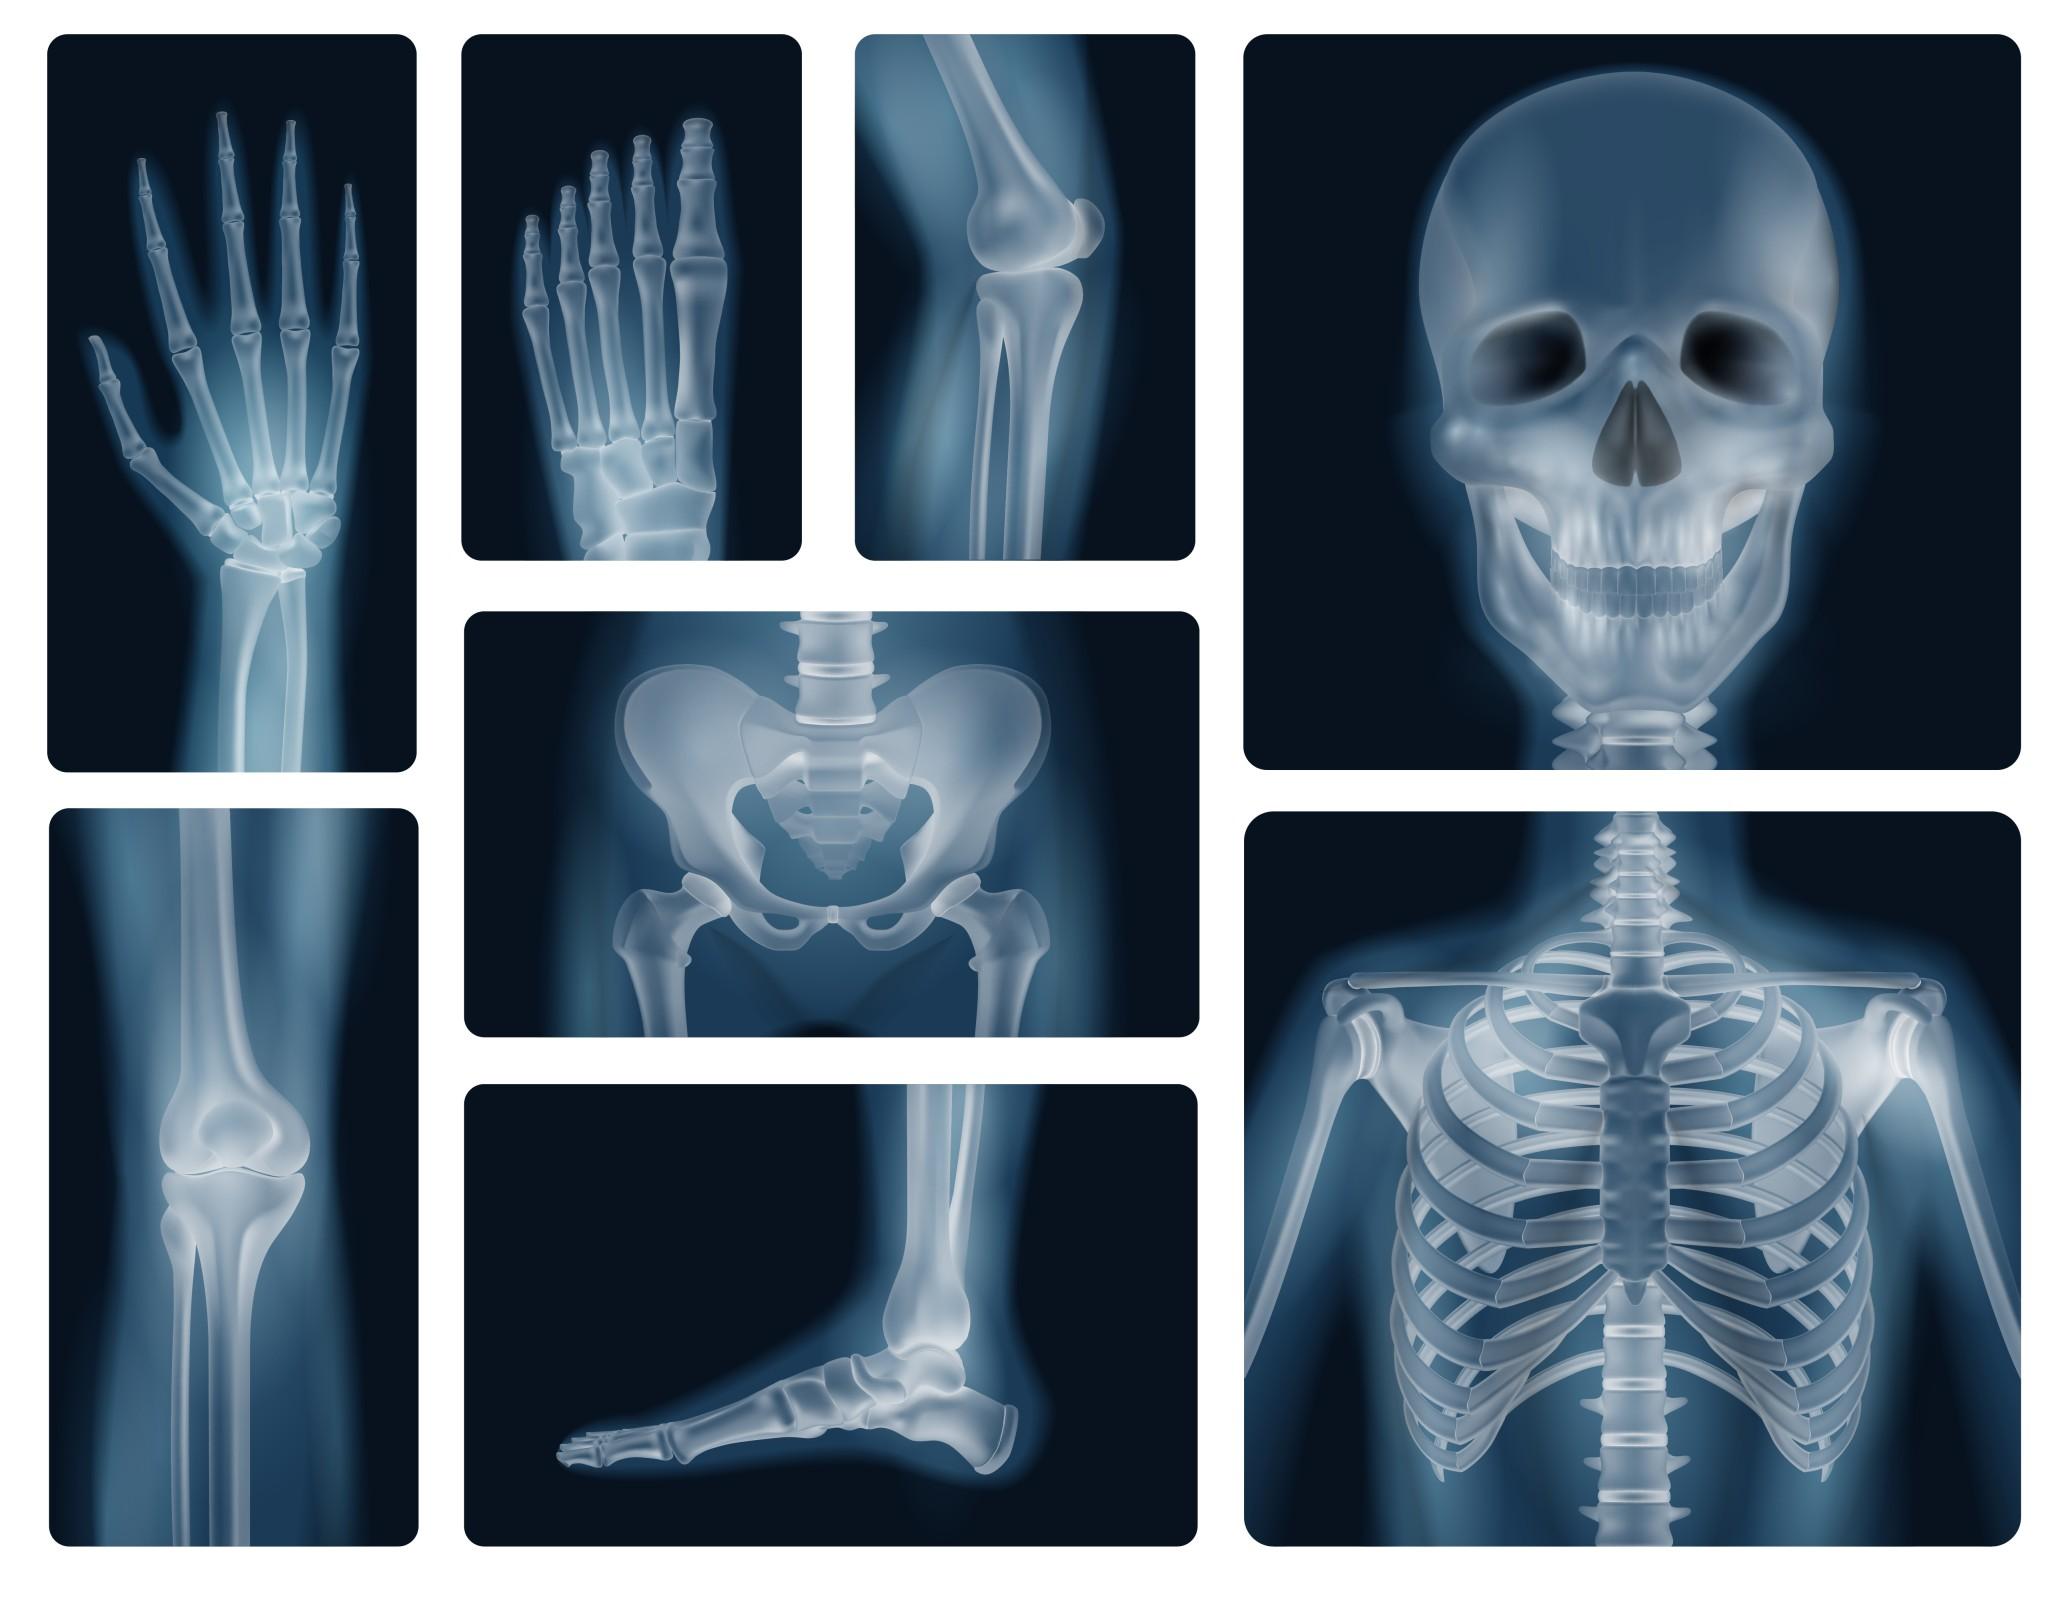 Prewencja iterapia osteoporozy wgabinecie dietetyka